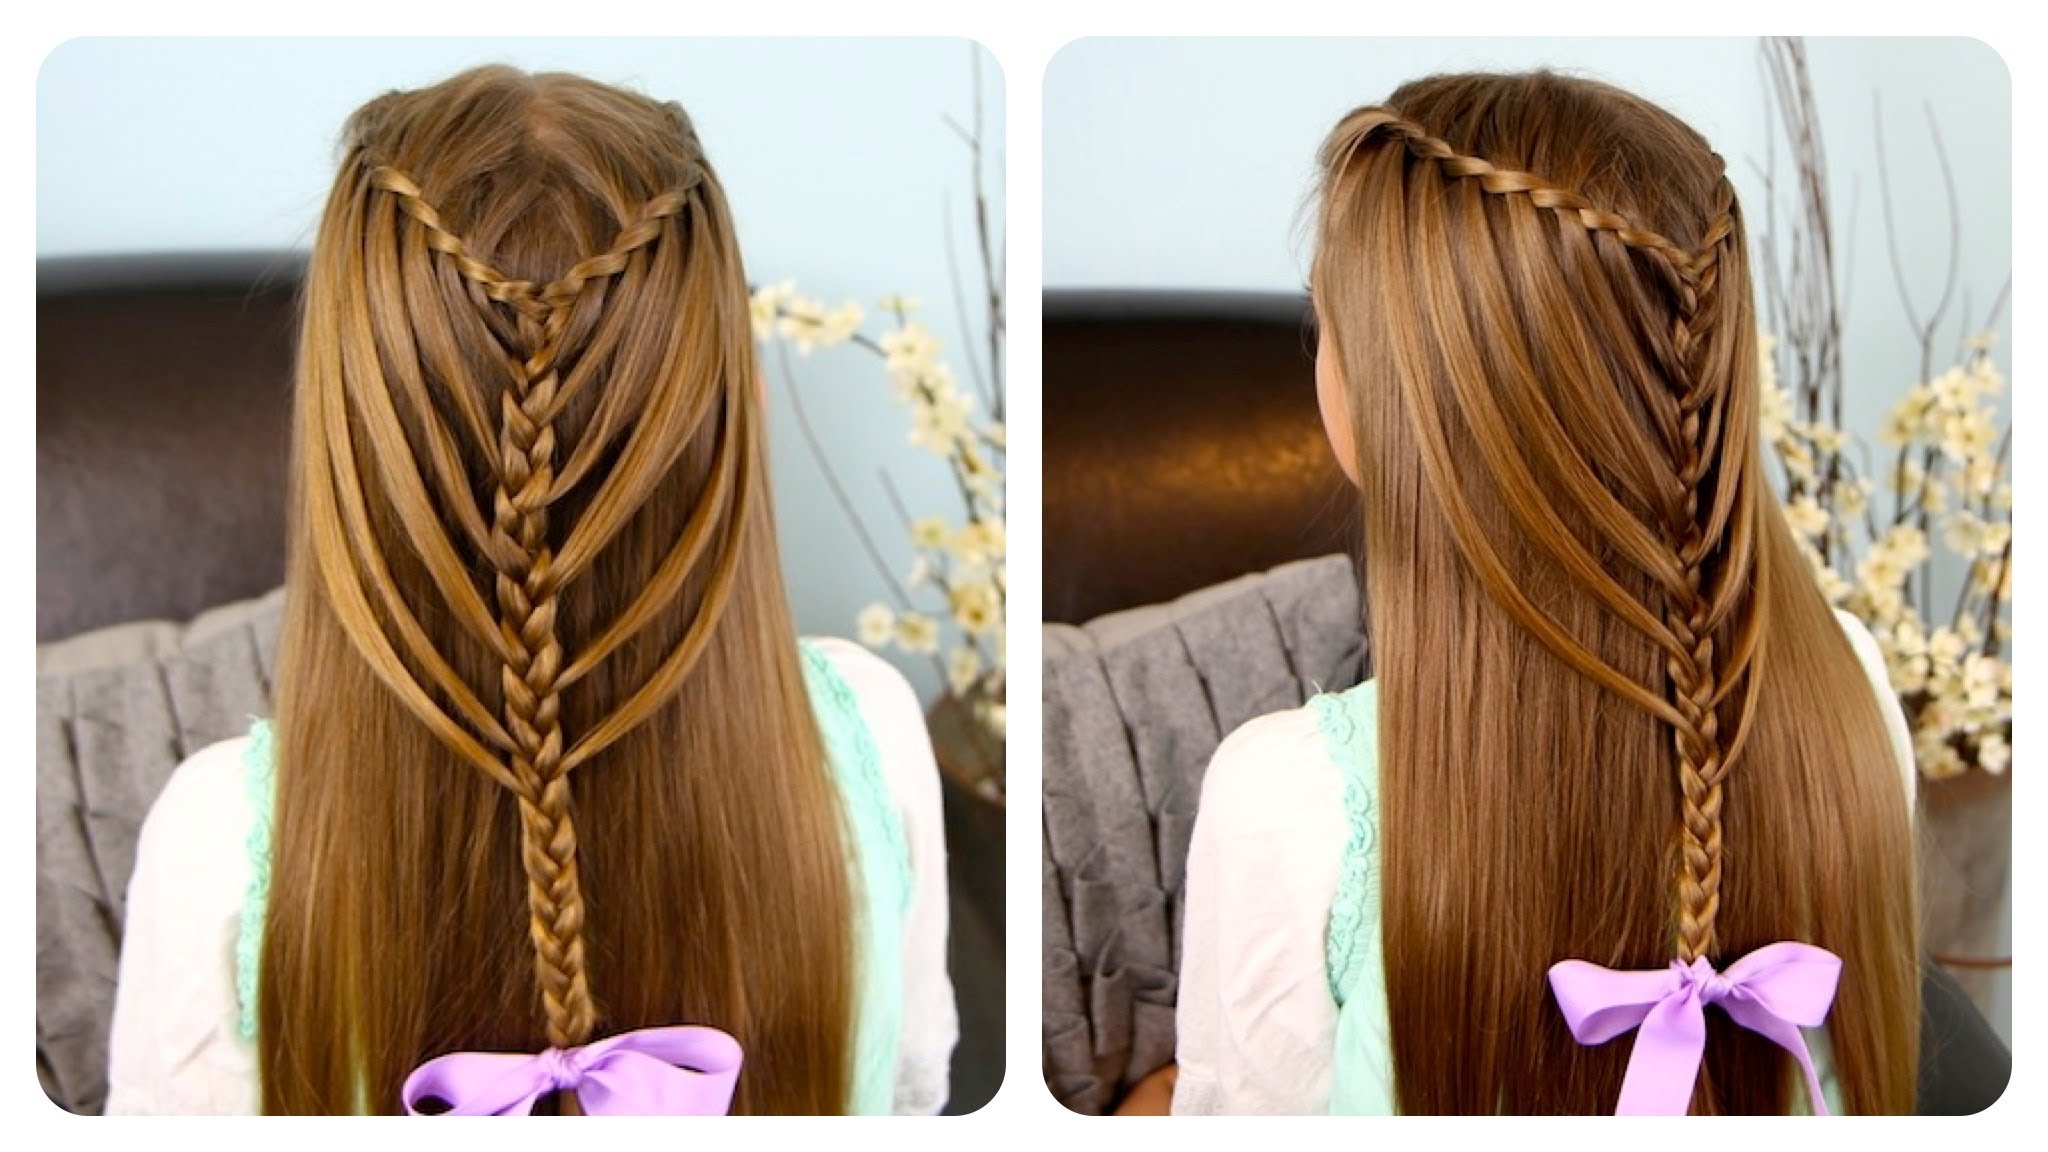 mermaid-hair-styles-308657